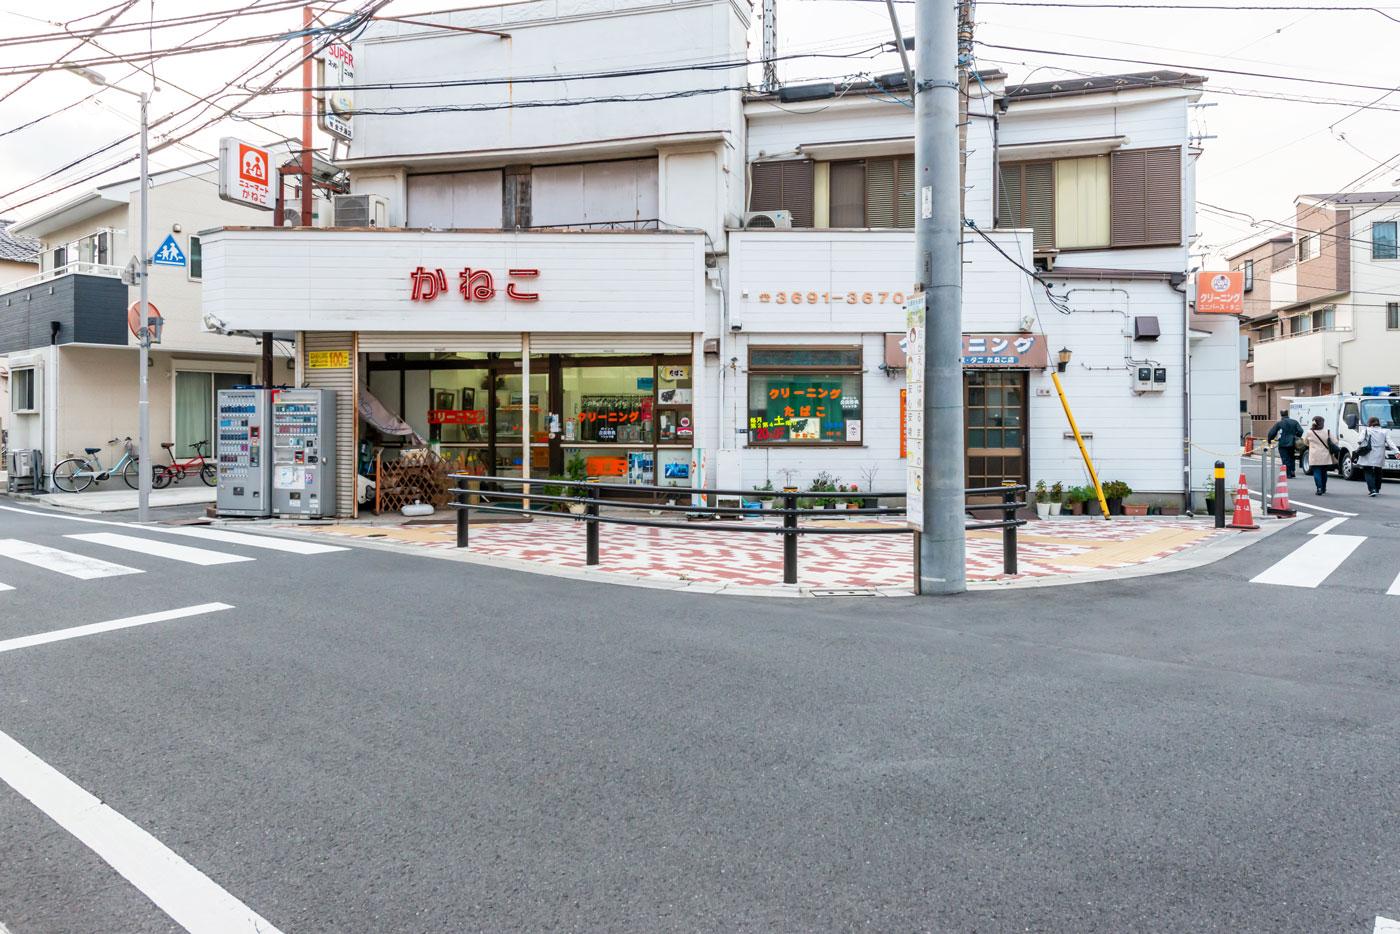 最寄りのクリーニング店(道路を挟んで向かい側)